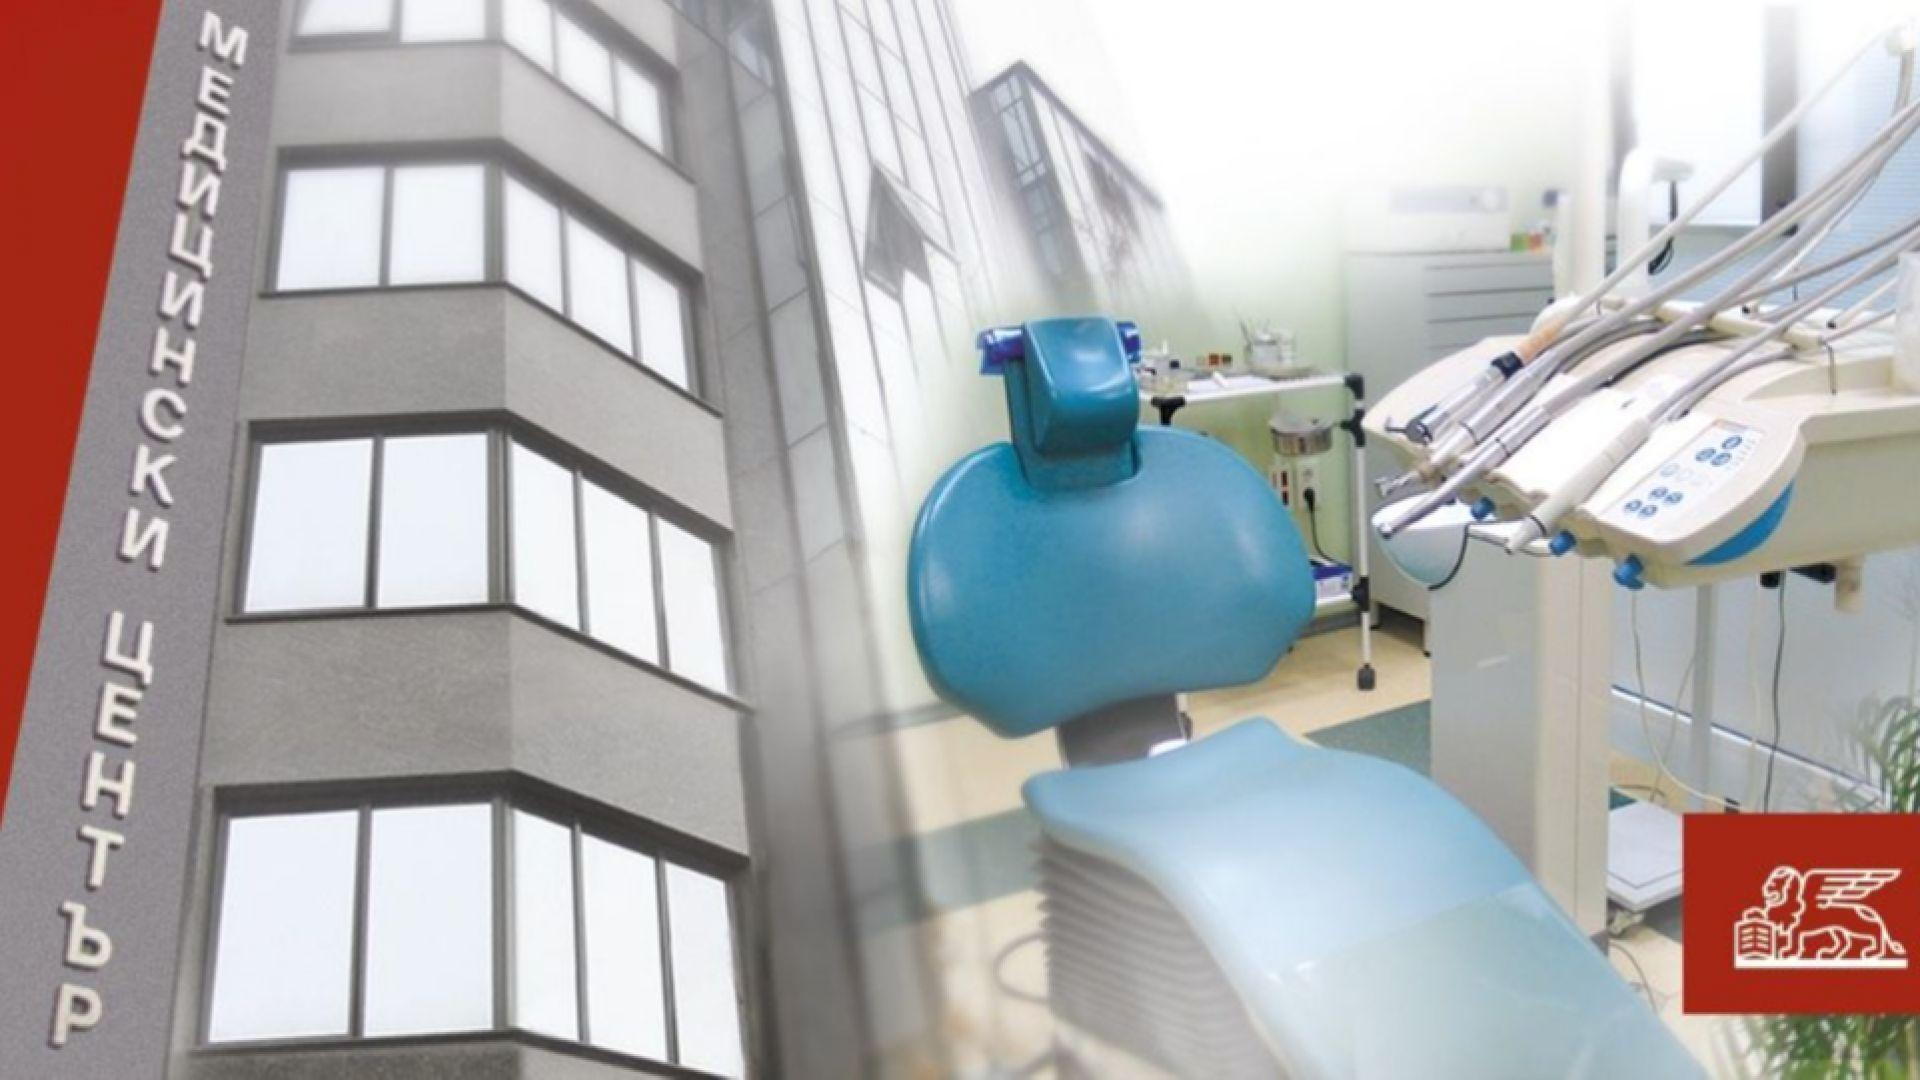 Дженерали застраховане АД и Дженерали Закрила Медико-Дентален център с участие на предстоящото медицинско изложение EXPO HOSPITALS